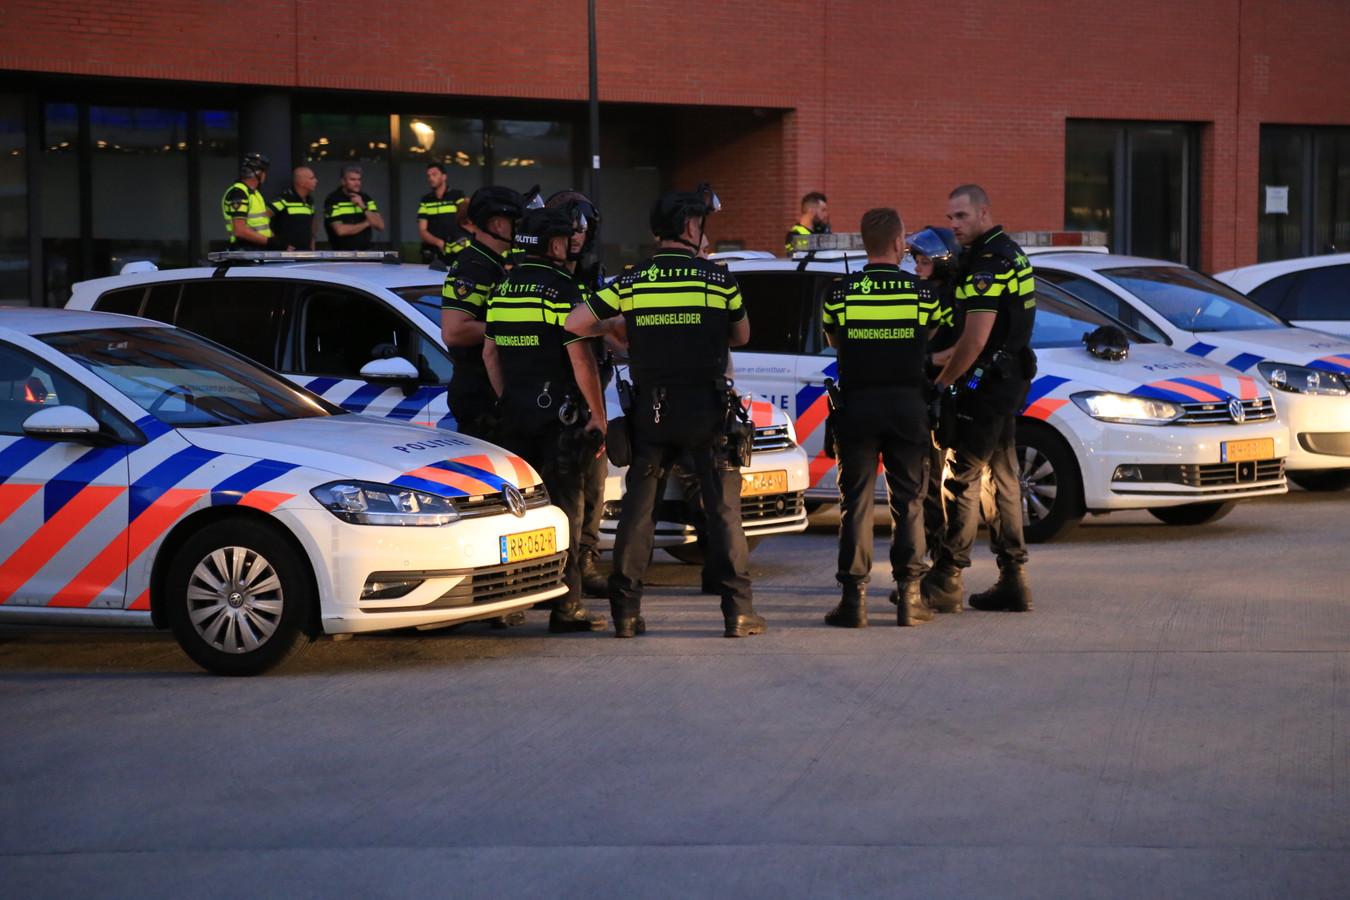 Grote politiemacht op de been dinsdagavond in Helmond.